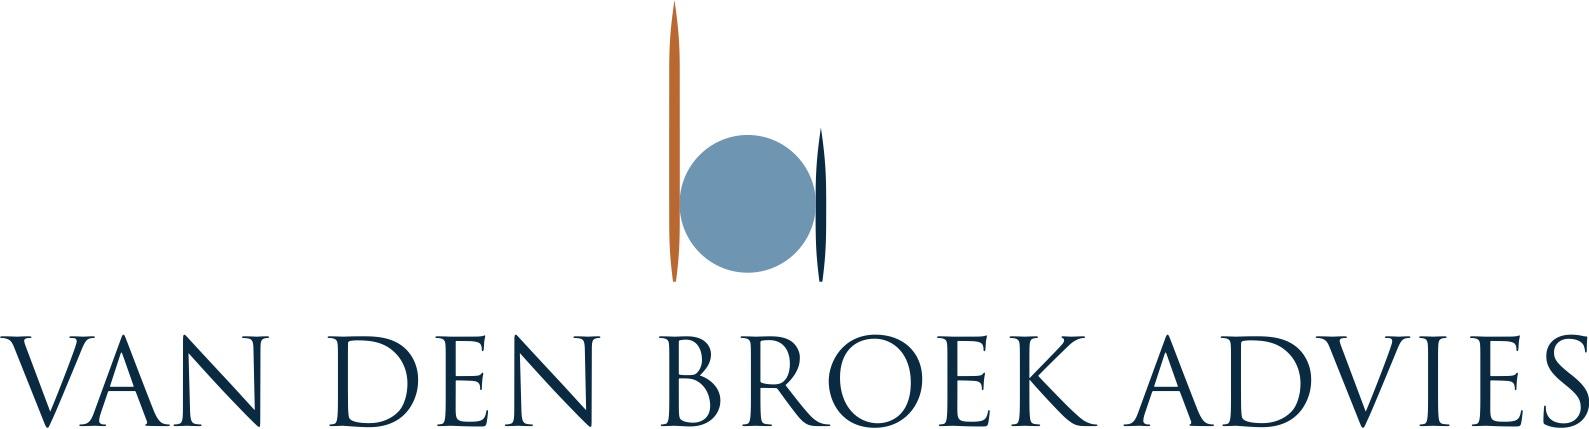 Van den Broek Advies